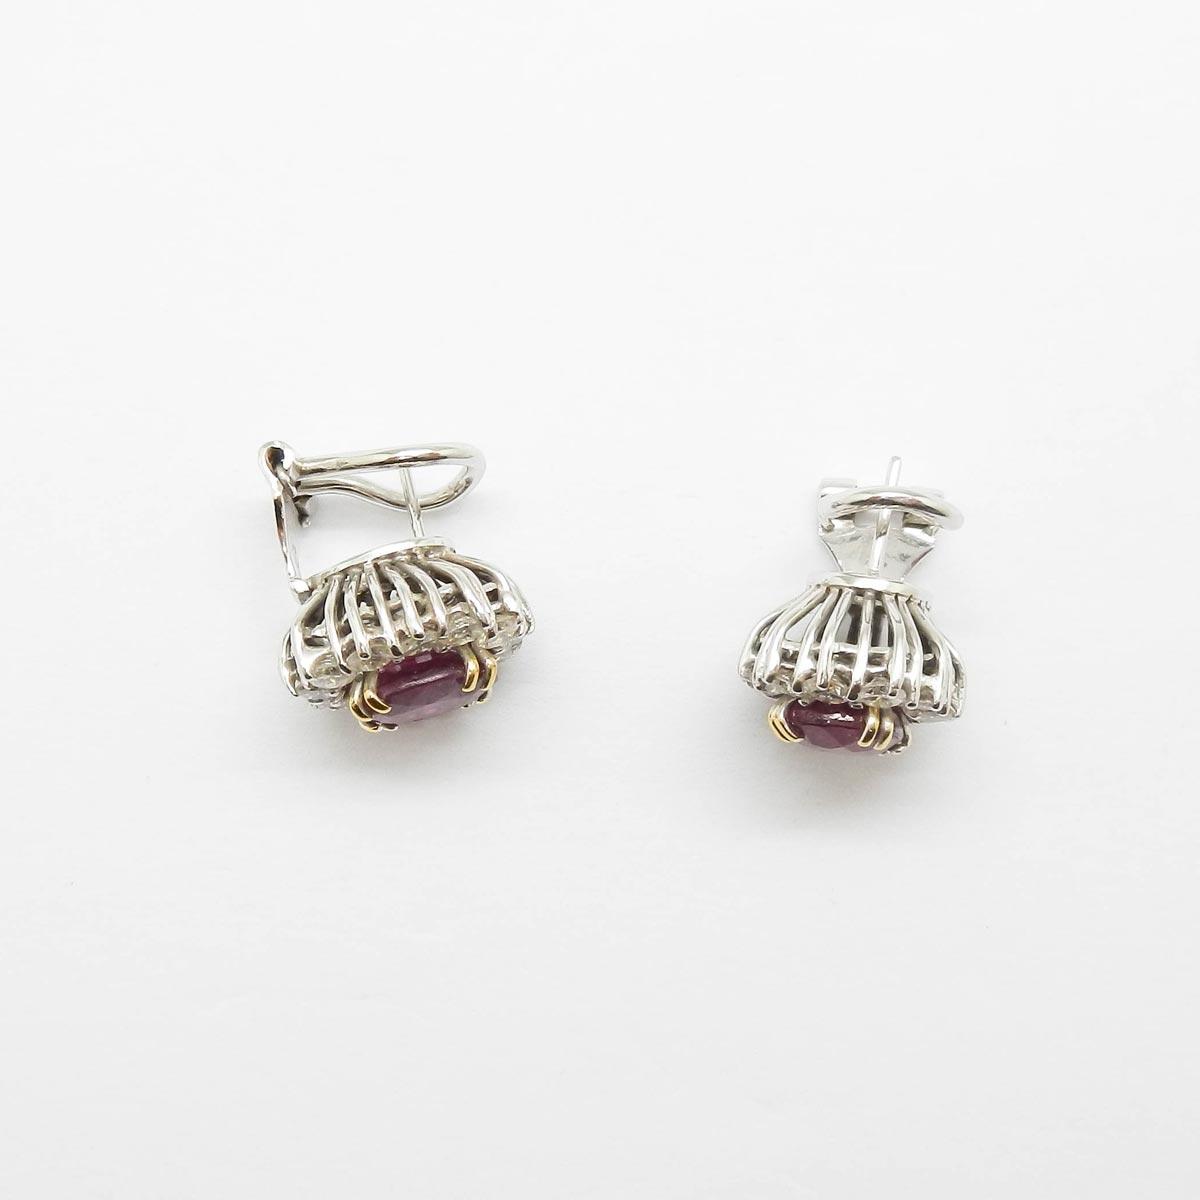 il-marchese-diamonds-diamanti-gioielli-artigianali-orecchini-rubino-oro-bianco-3